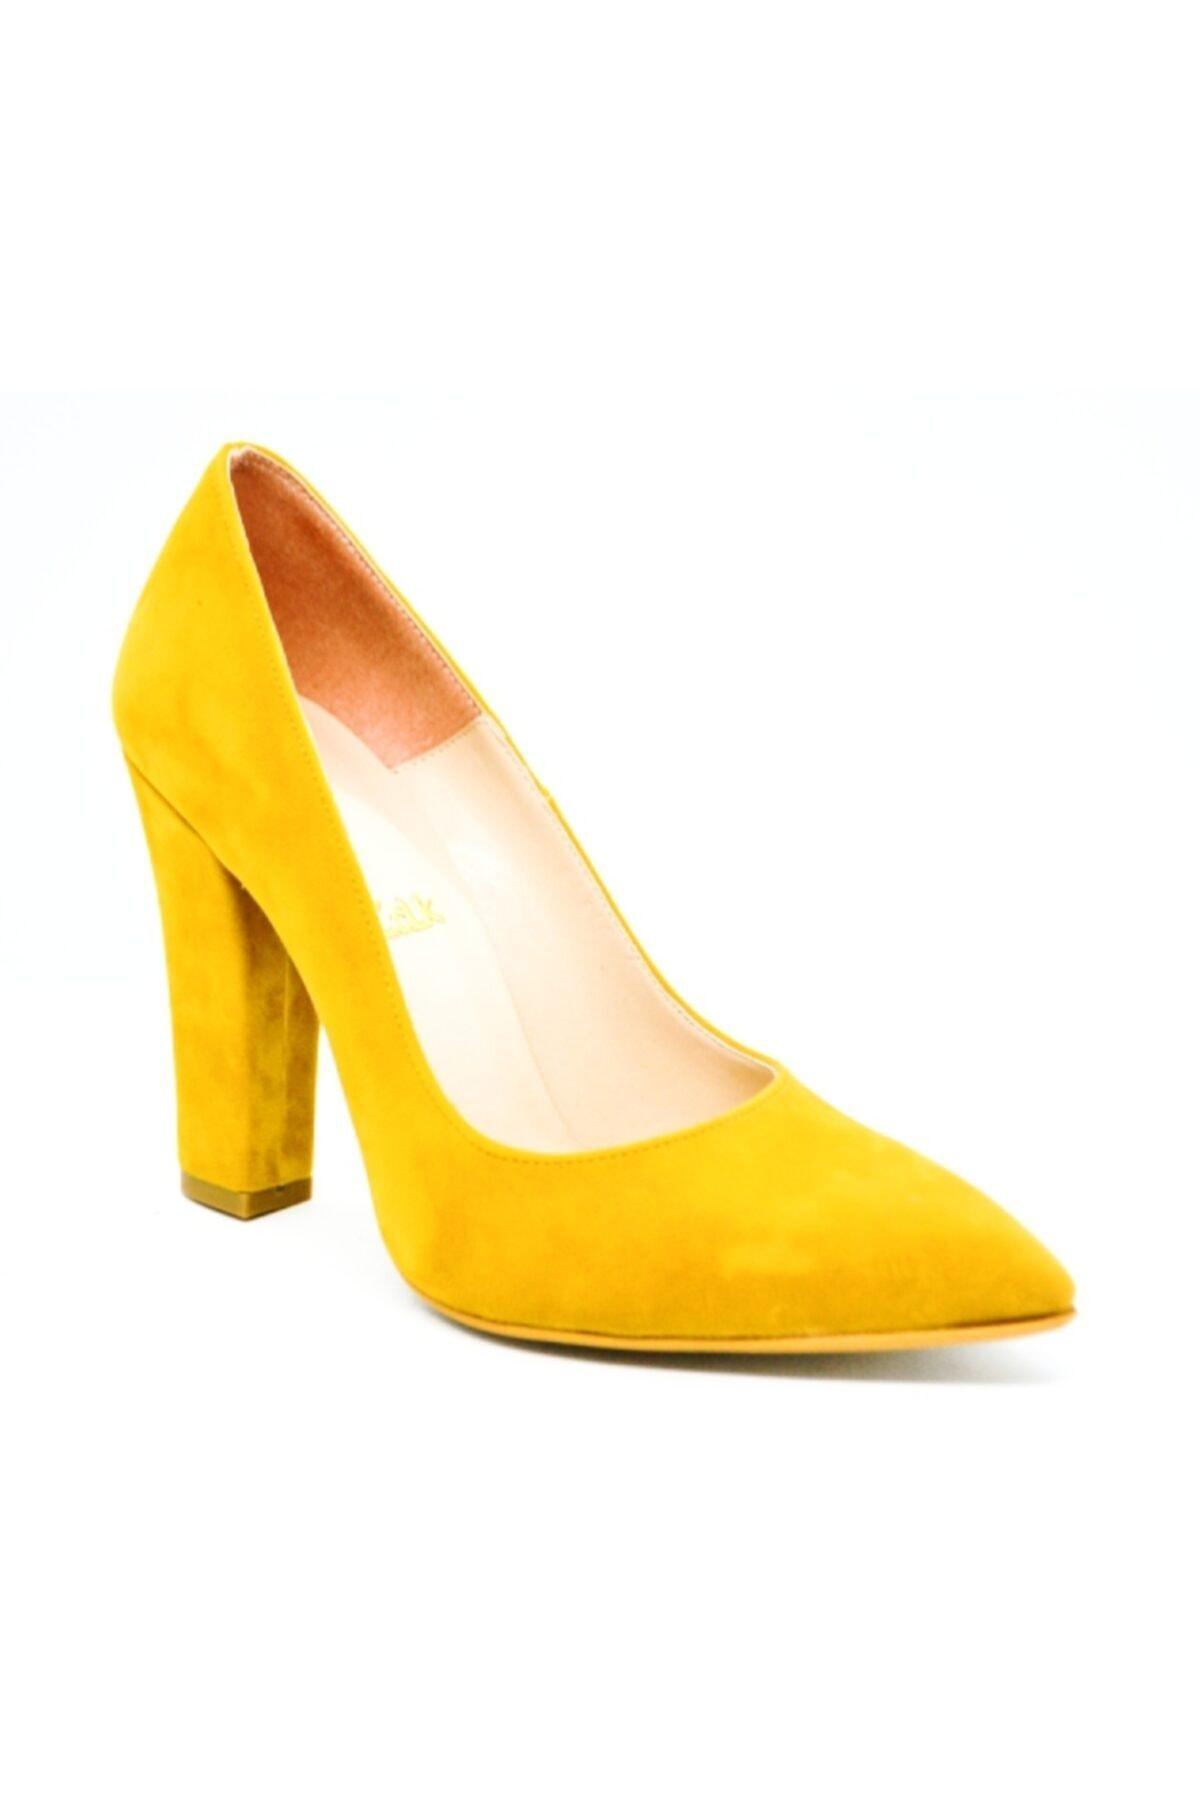 WARHOL SHOES Kadın Hardal Nubuk Kalın Stiletto Ayakkabı 1